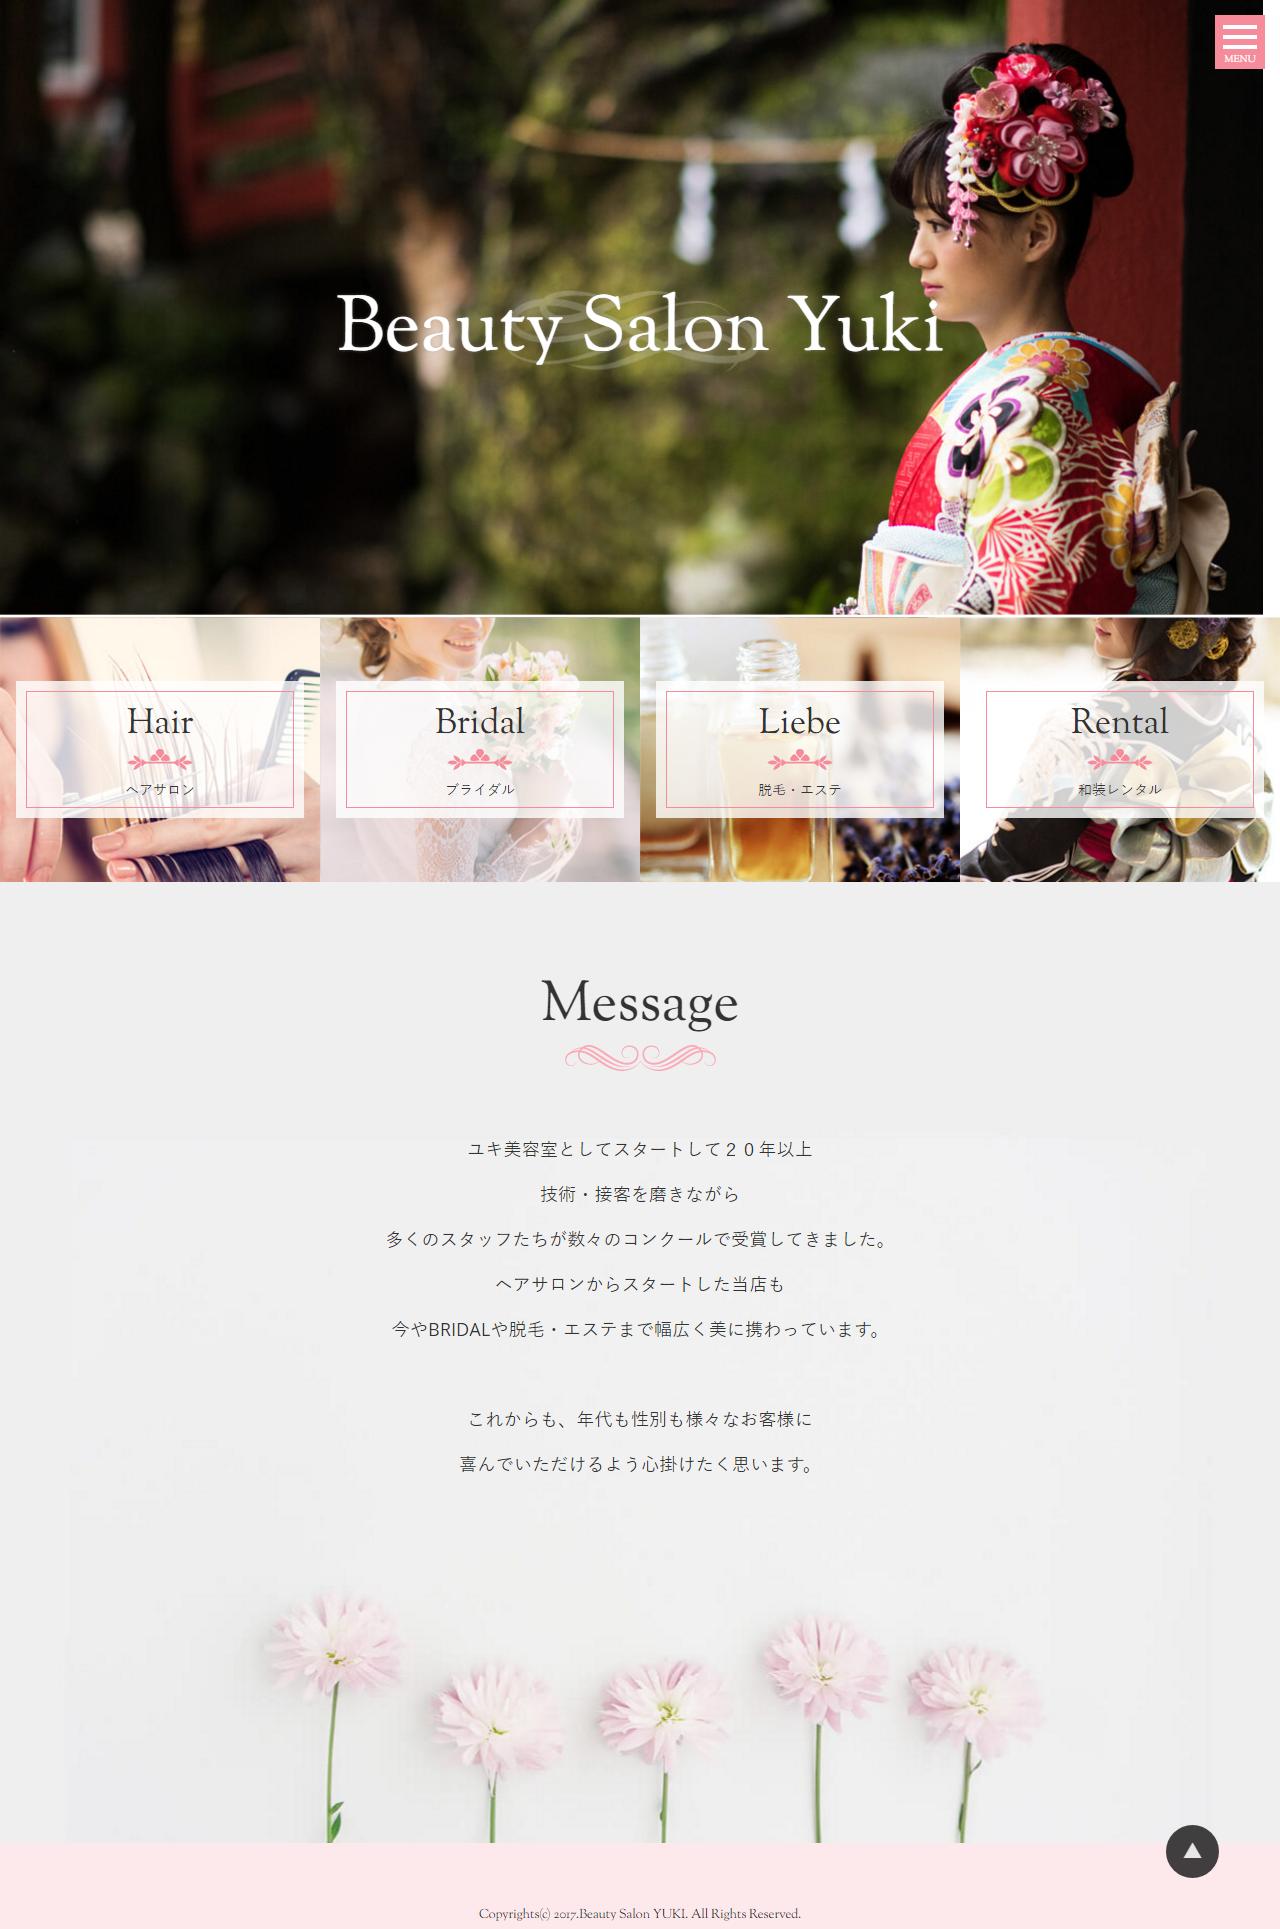 Beauty Salon Yuki